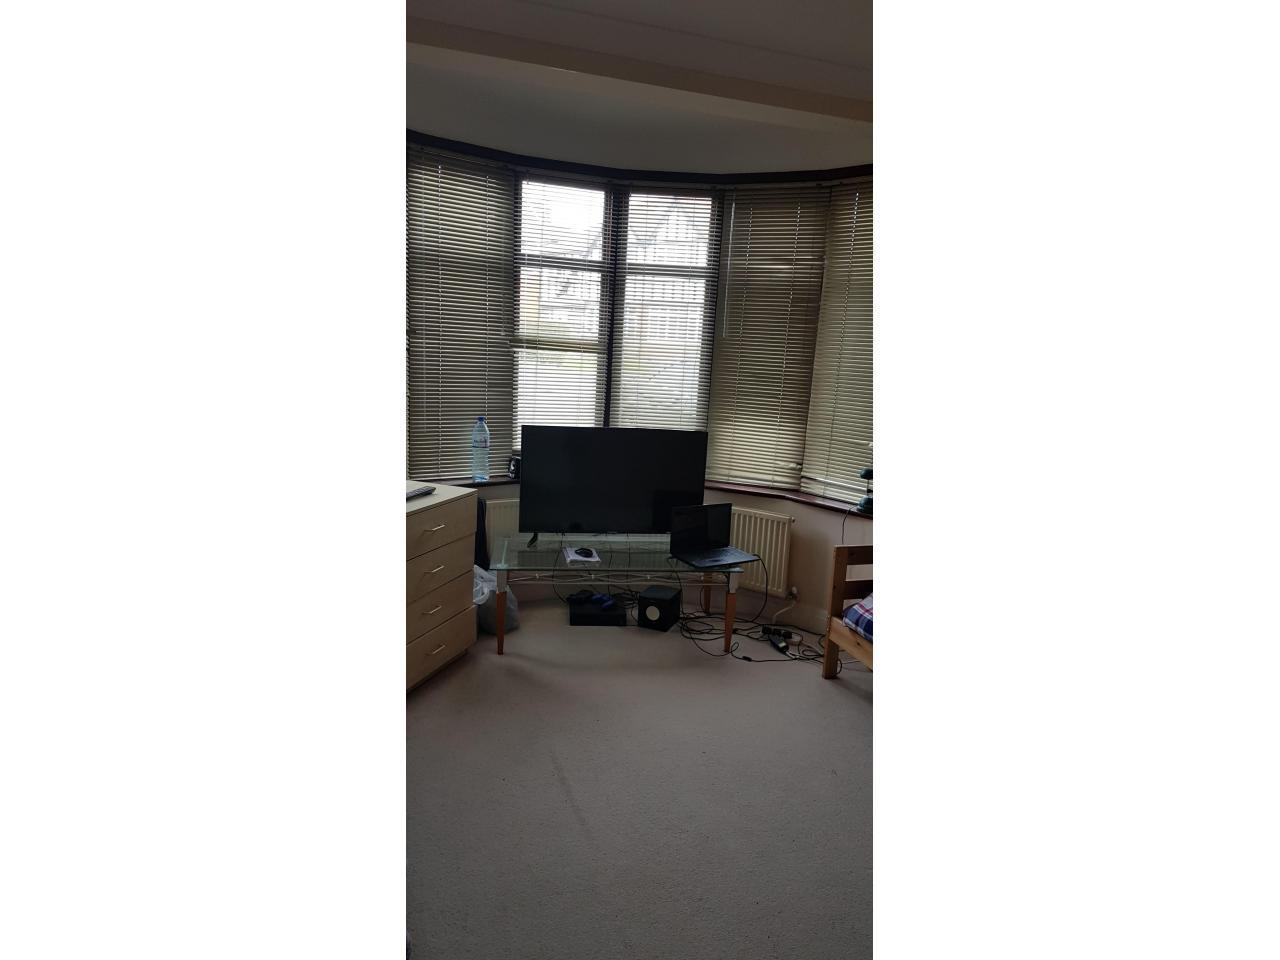 Сингл и Дабл комнаты в аренду £80, £145 и £150 в неделю. - 3